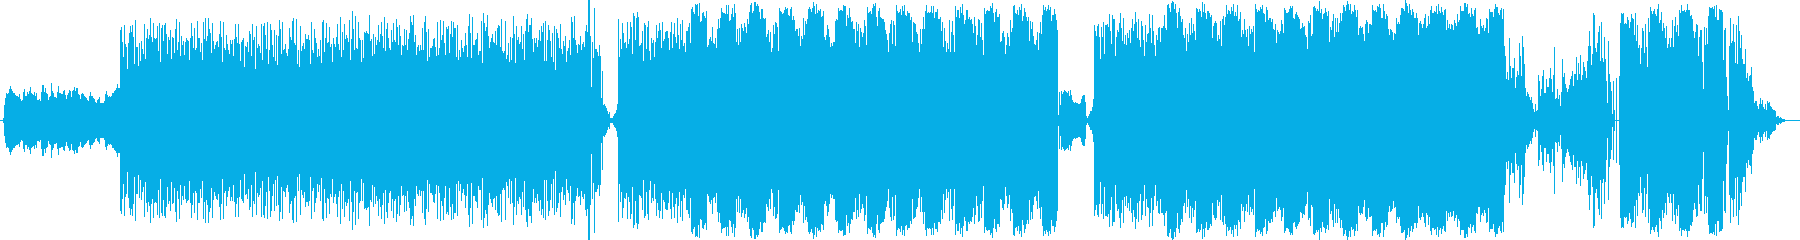 穏やかなワンリフのテクノポップの再生済みの波形